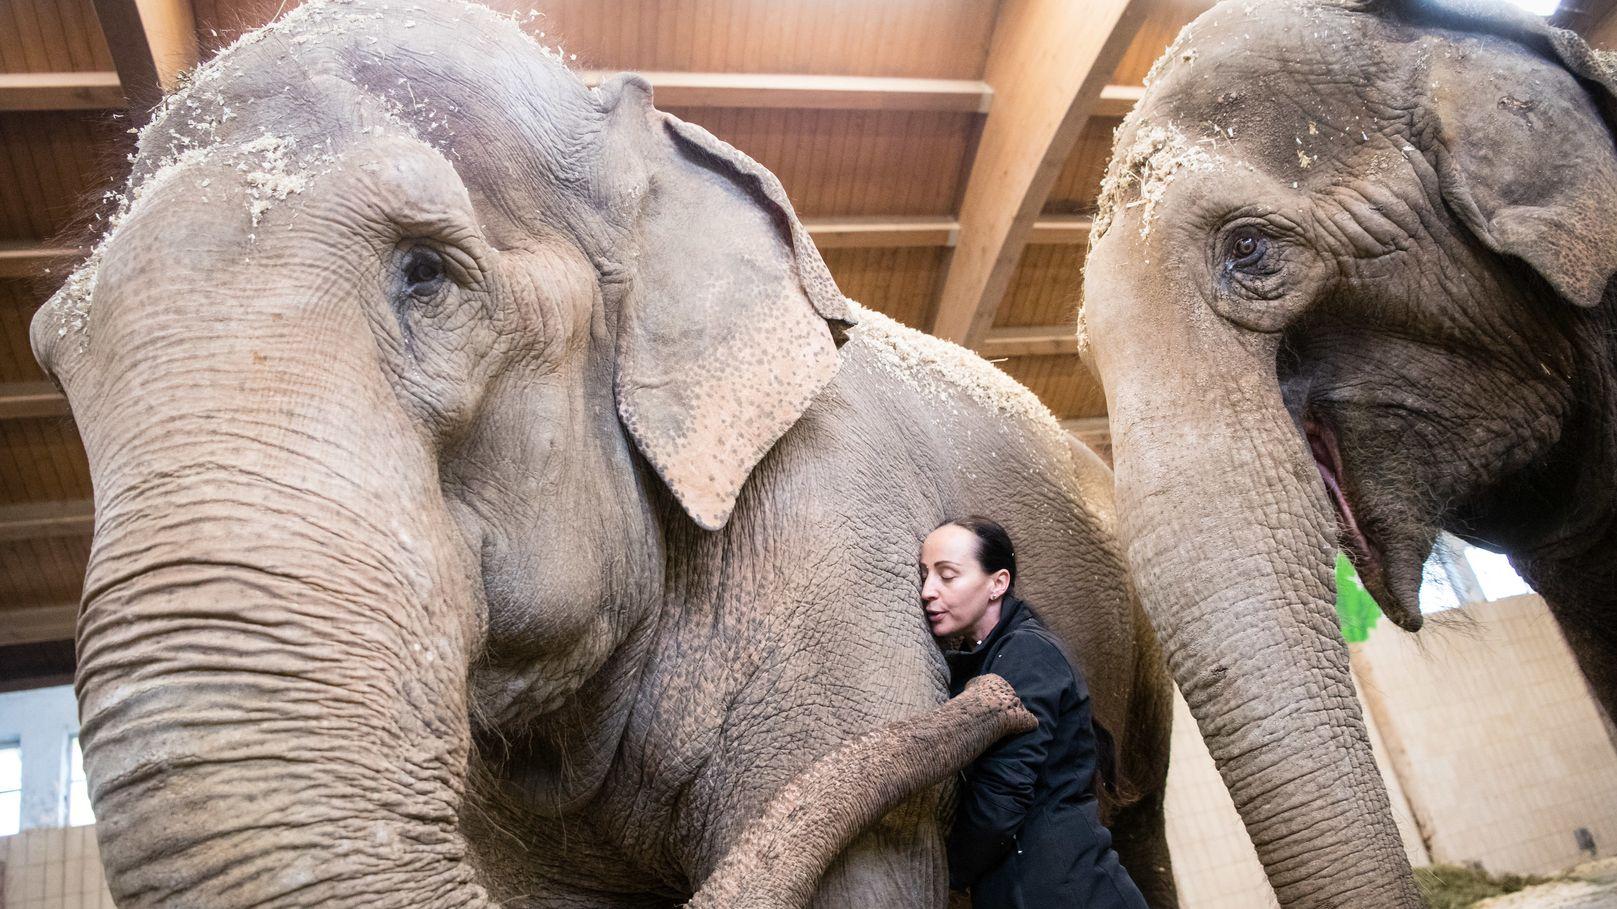 Jana-Mandana Lacey-Krone, Direktorin des Circus Krone, streichelt die indische Elefantenkuh Bara. Rechts läuft Elefantenkuh Burma.